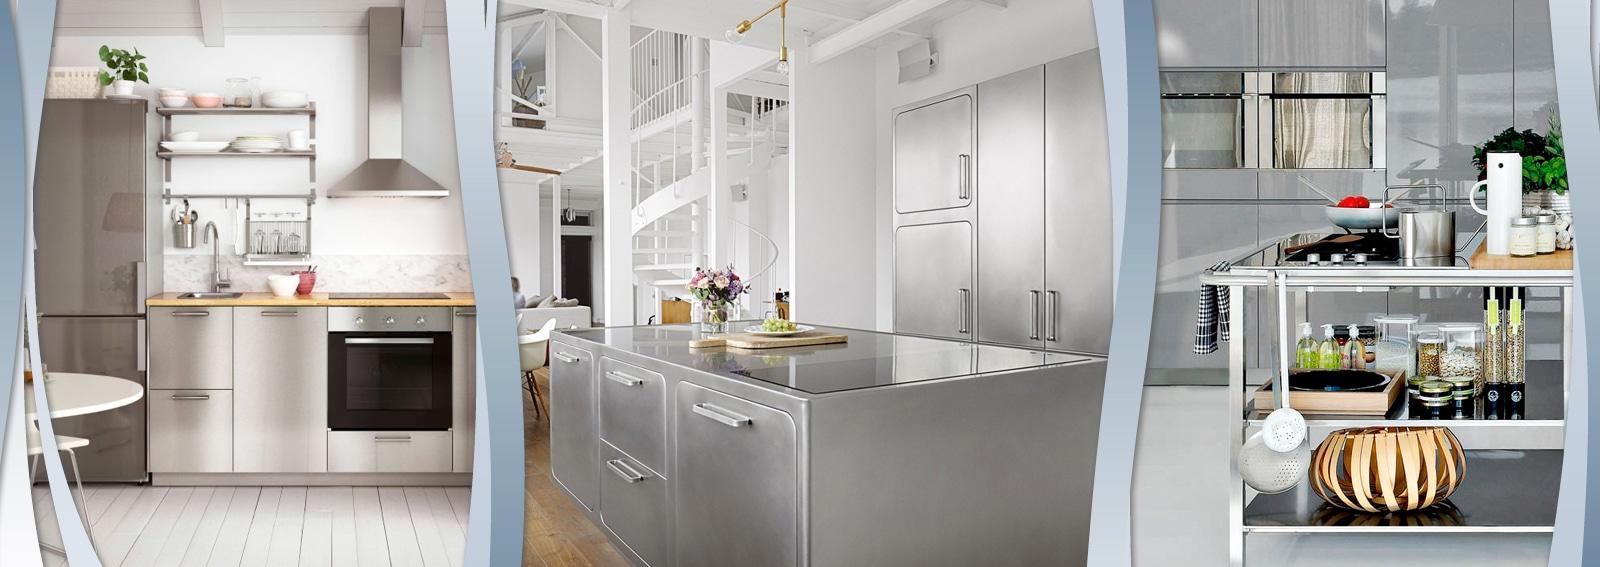 le cucine in acciaio: direttamente dai ristoranti più famosi alla ... - Cucine Acciaio Ikea